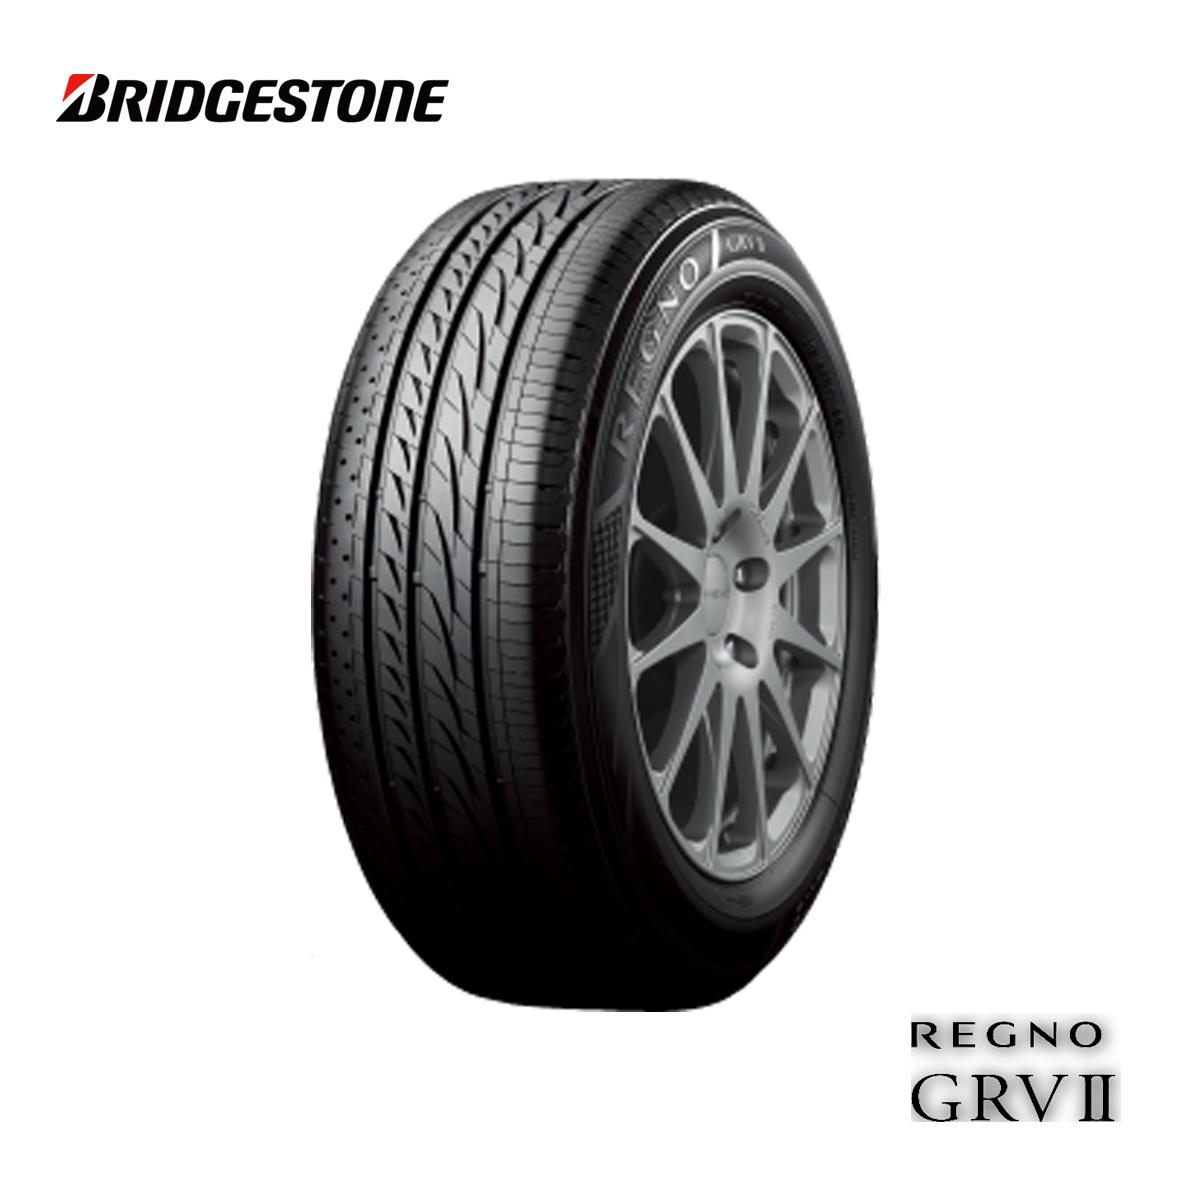 ブリヂストン BS 16インチ タイヤ 215/60R16 215 60 16 レグノ サマータイヤ 4本 低燃費 エコ 夏 サマー タイヤ BRIDGESTONE REGNO GRVII GRV2